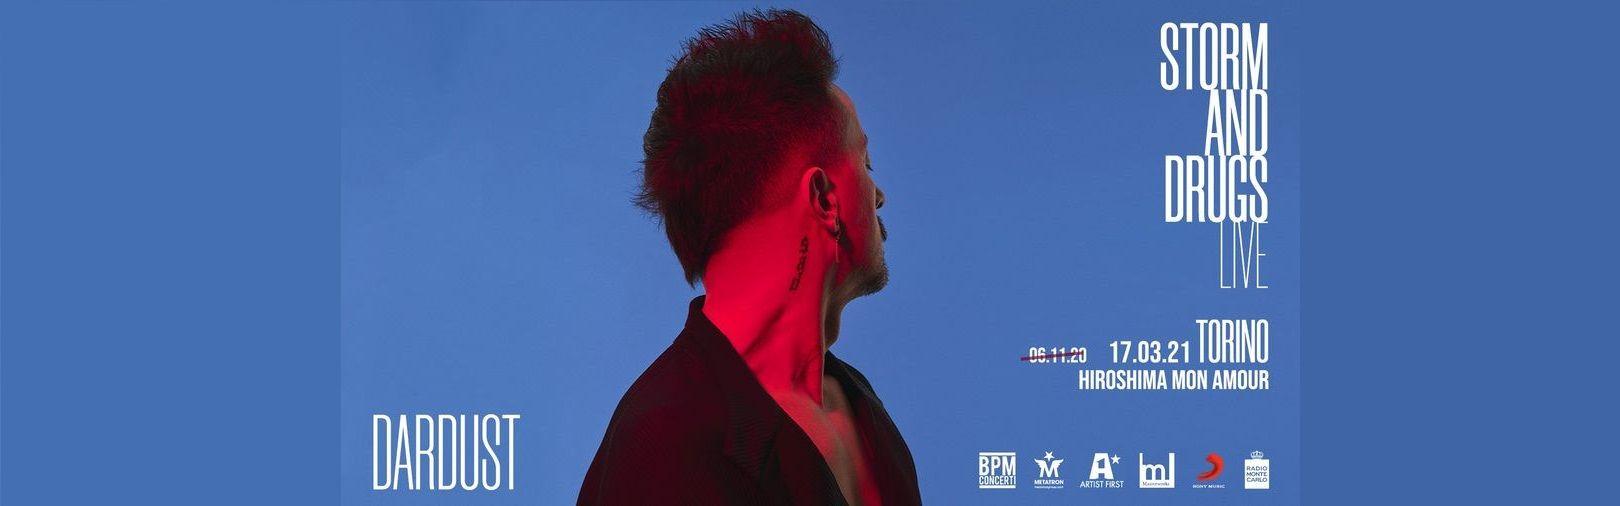 Dardust biglietti Concerto a Hiroshima Mon Amour Torino 17 marzo 2021 Mailticket